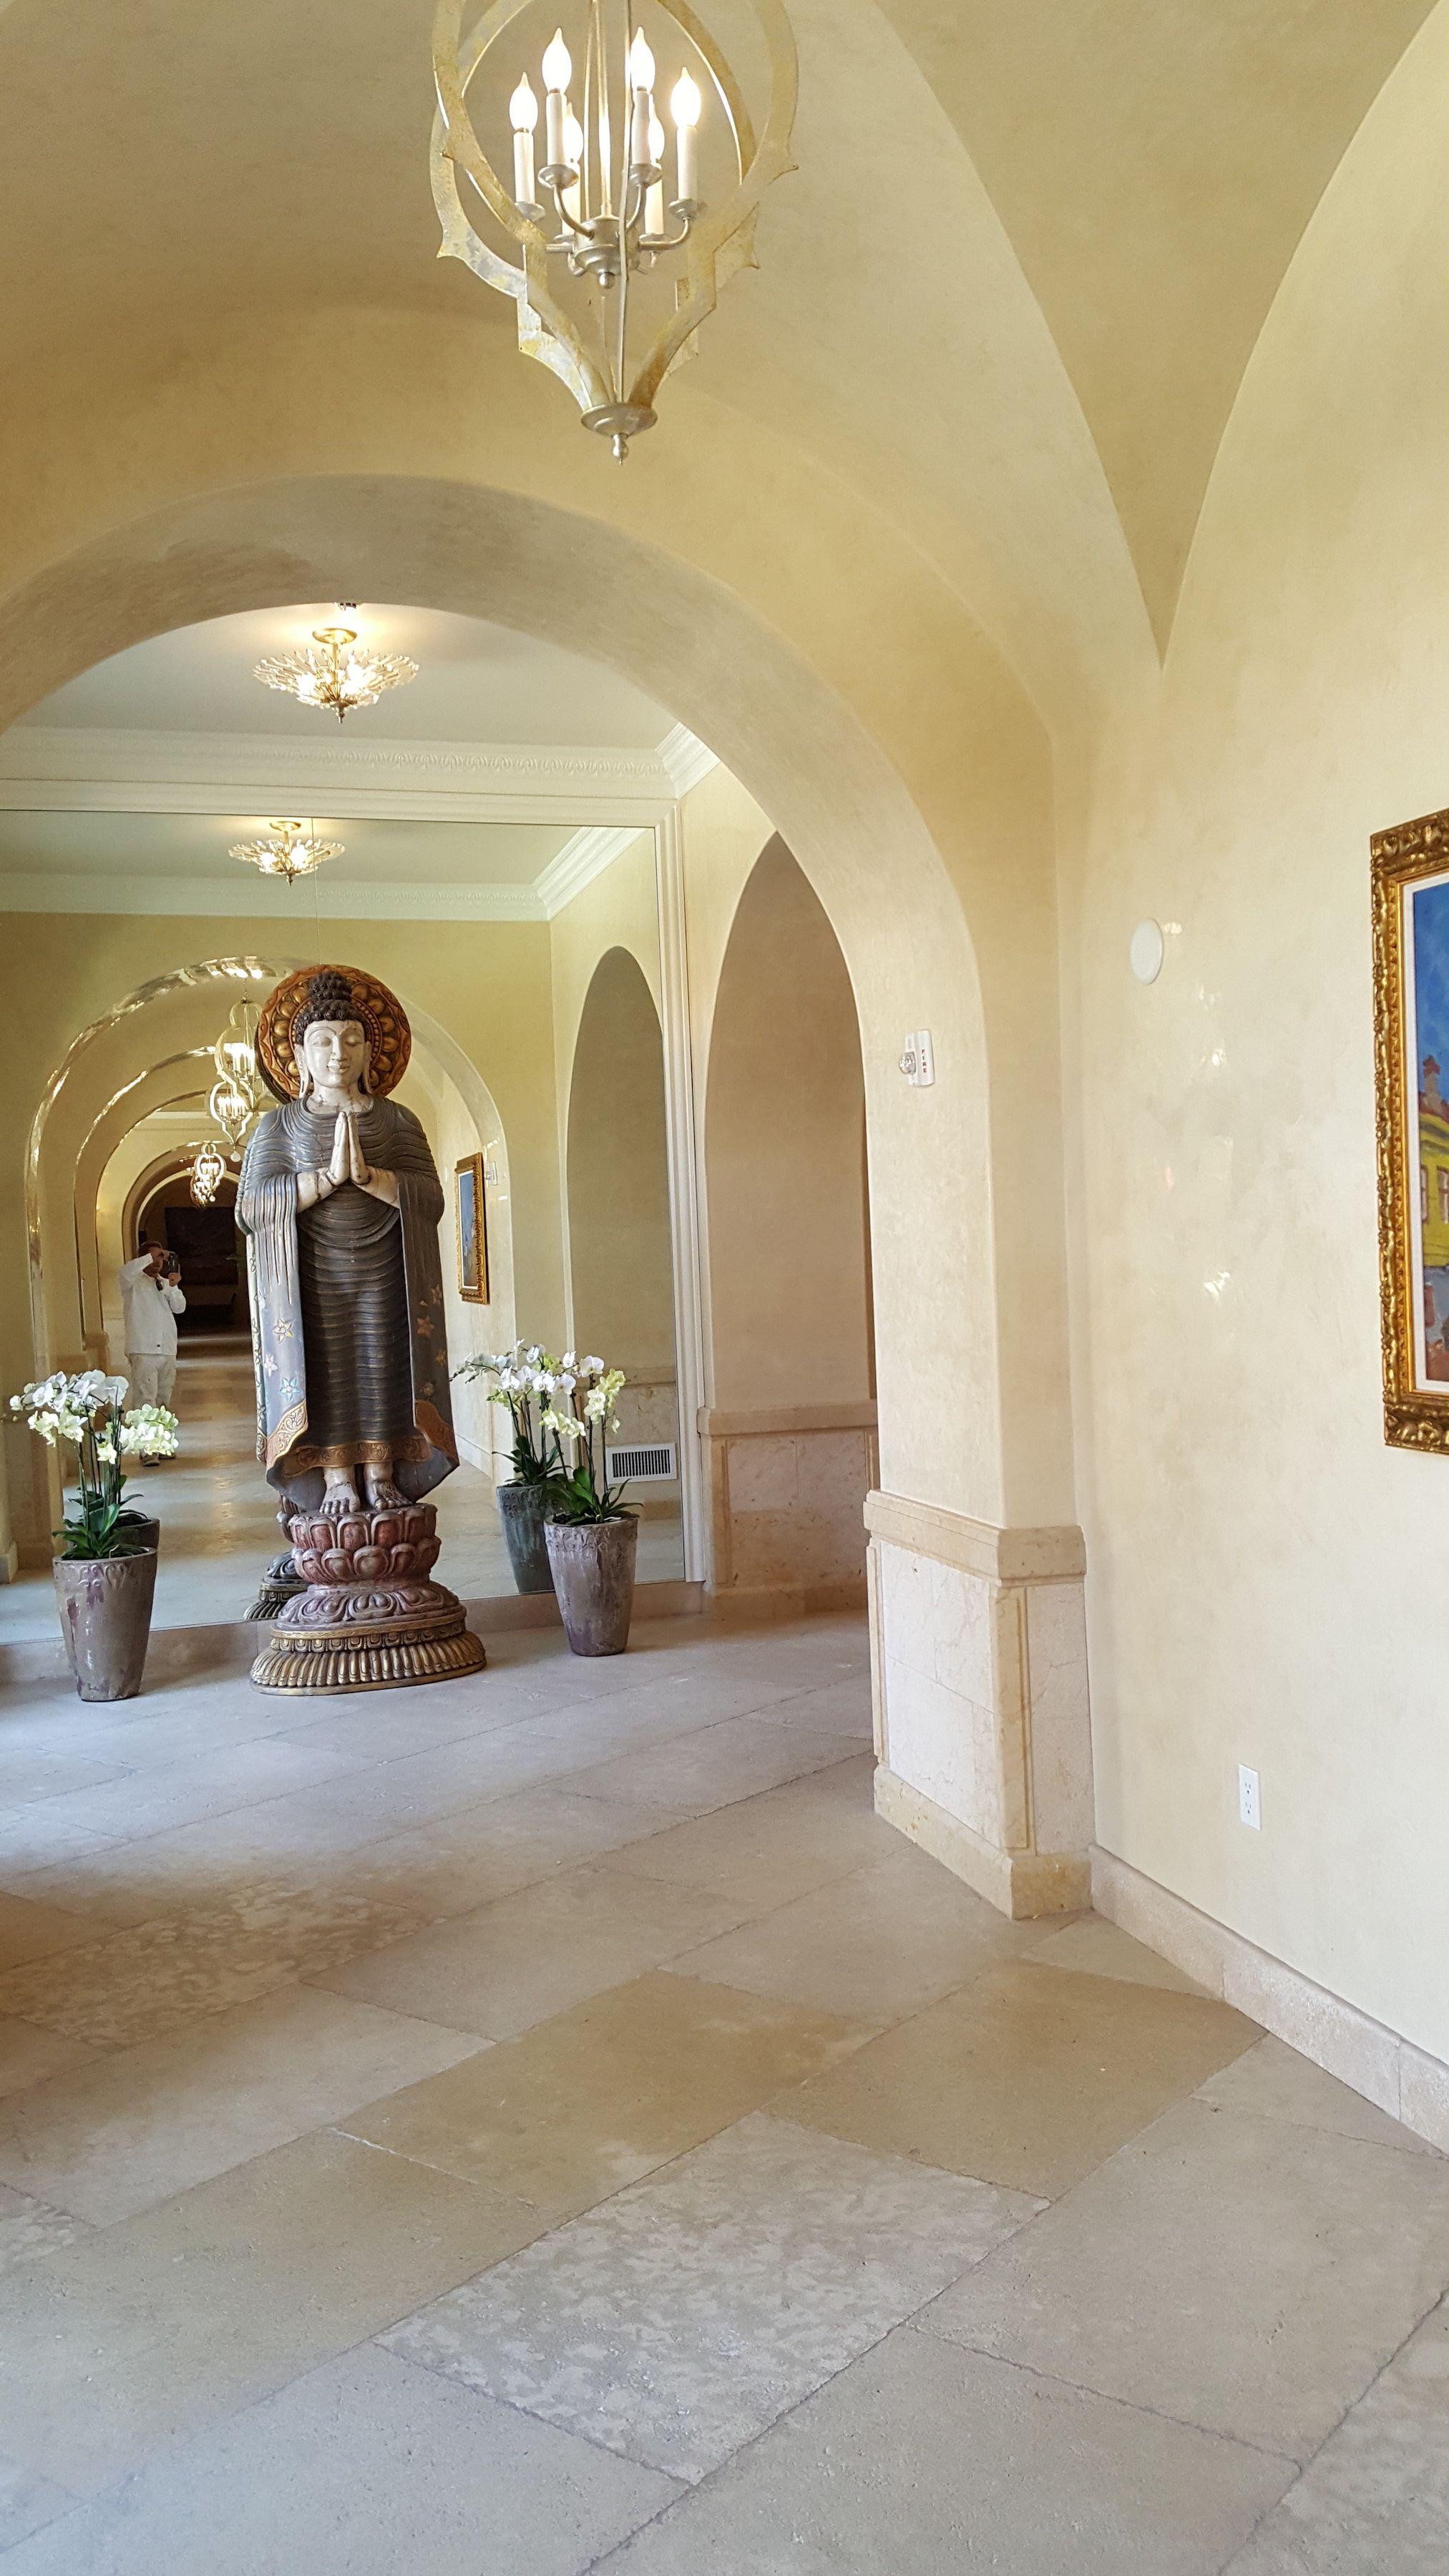 Best Interior Design Schools In California Painting ayres hotel in manhattan beach, california texston veneciano